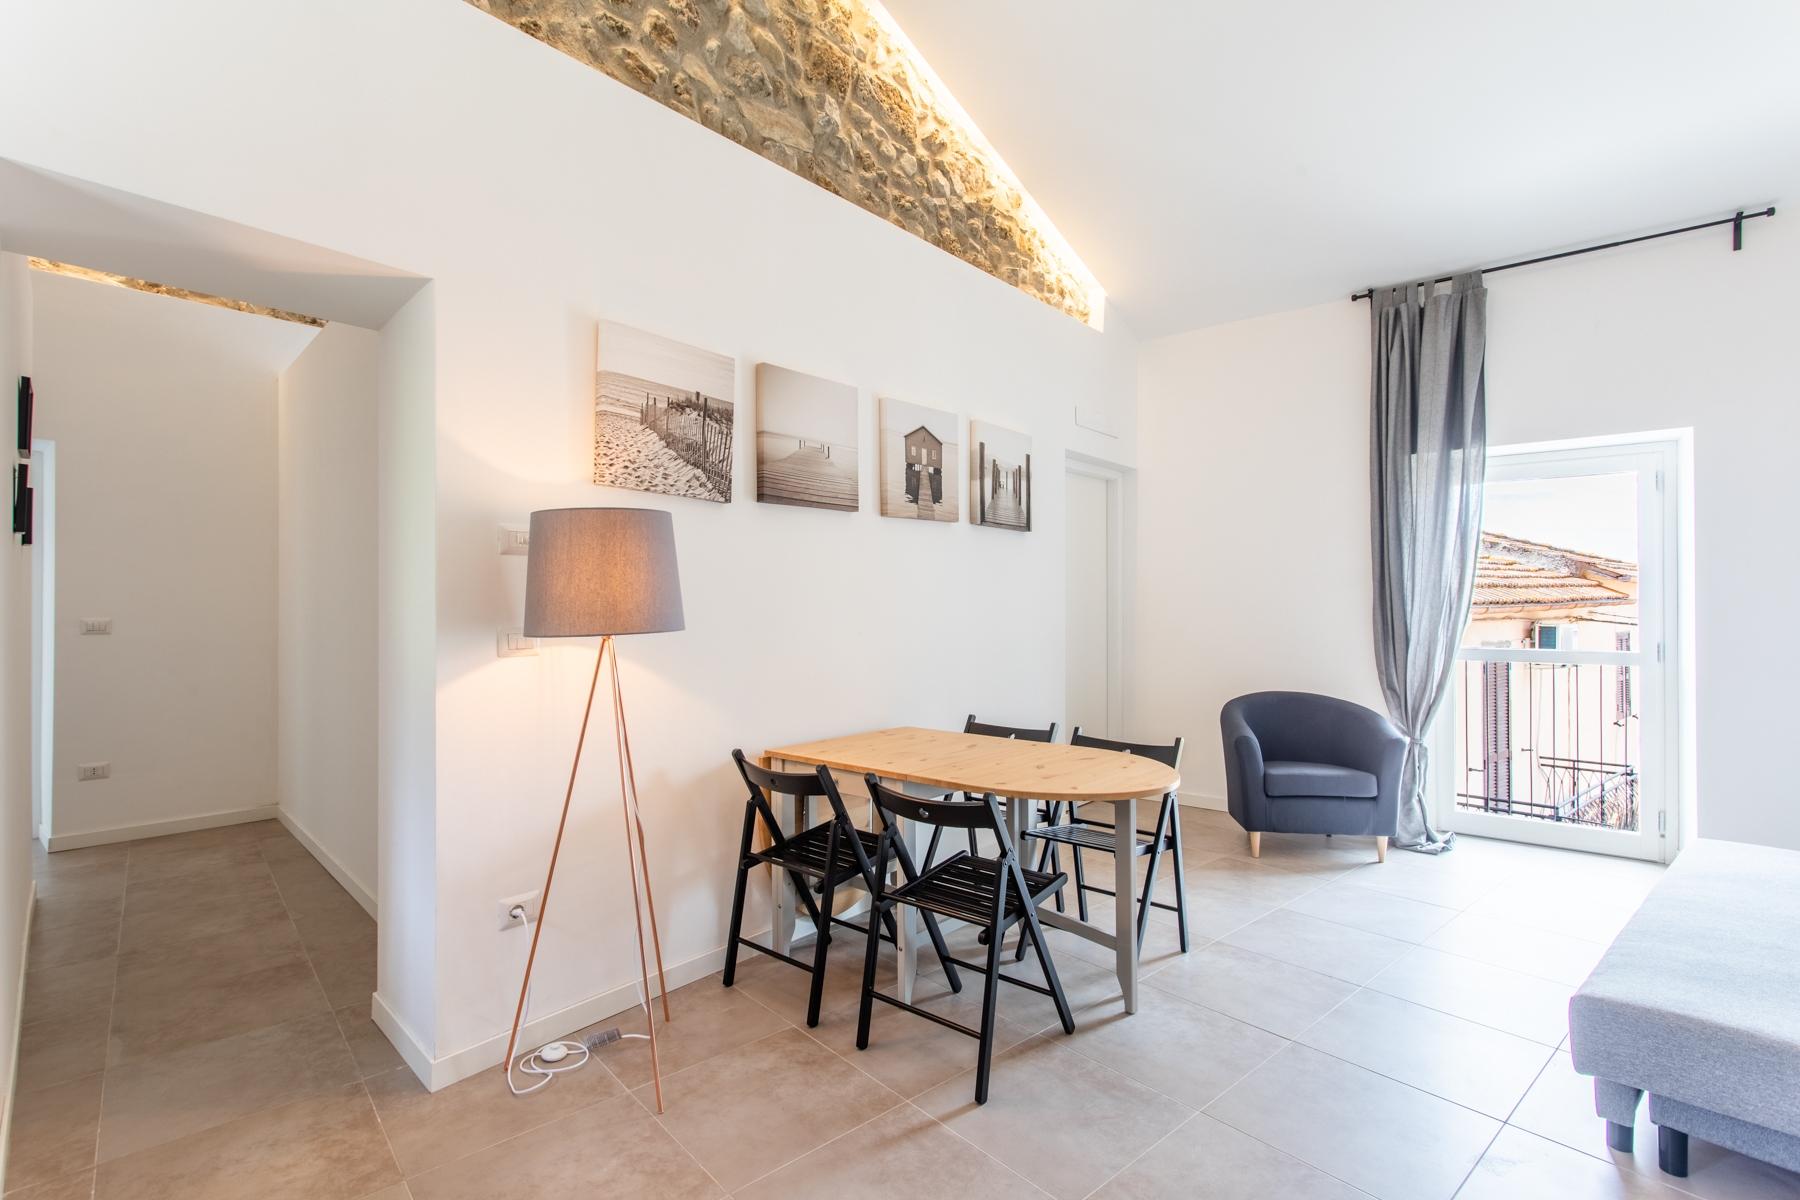 Casa indipendente in Vendita a Trevignano Romano: 5 locali, 163 mq - Foto 5